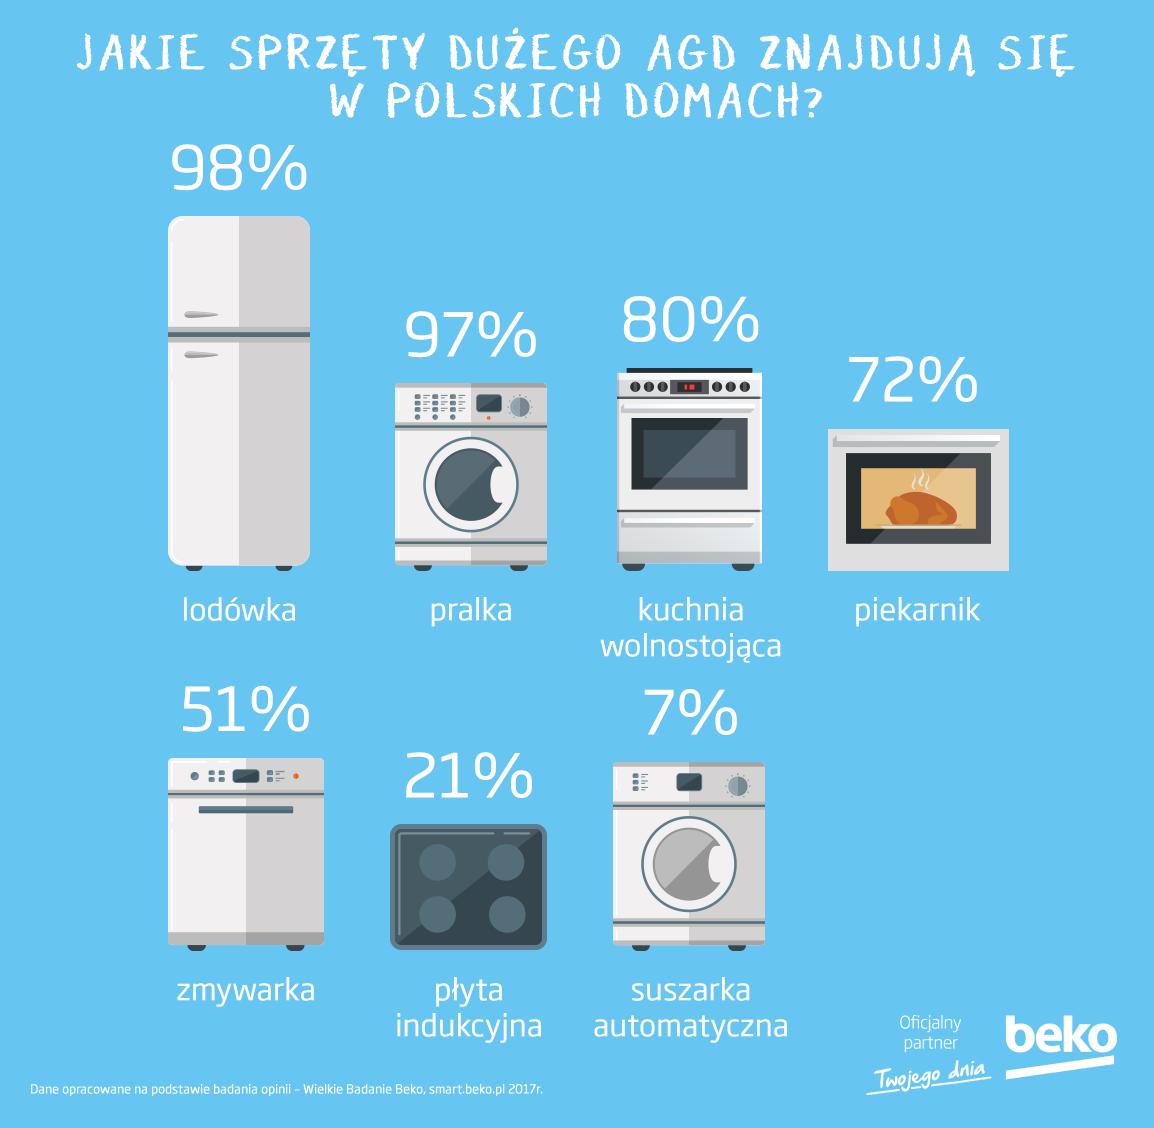 Jak dobrze Polacy znają swoje sprzęty AGD? Sprawdź